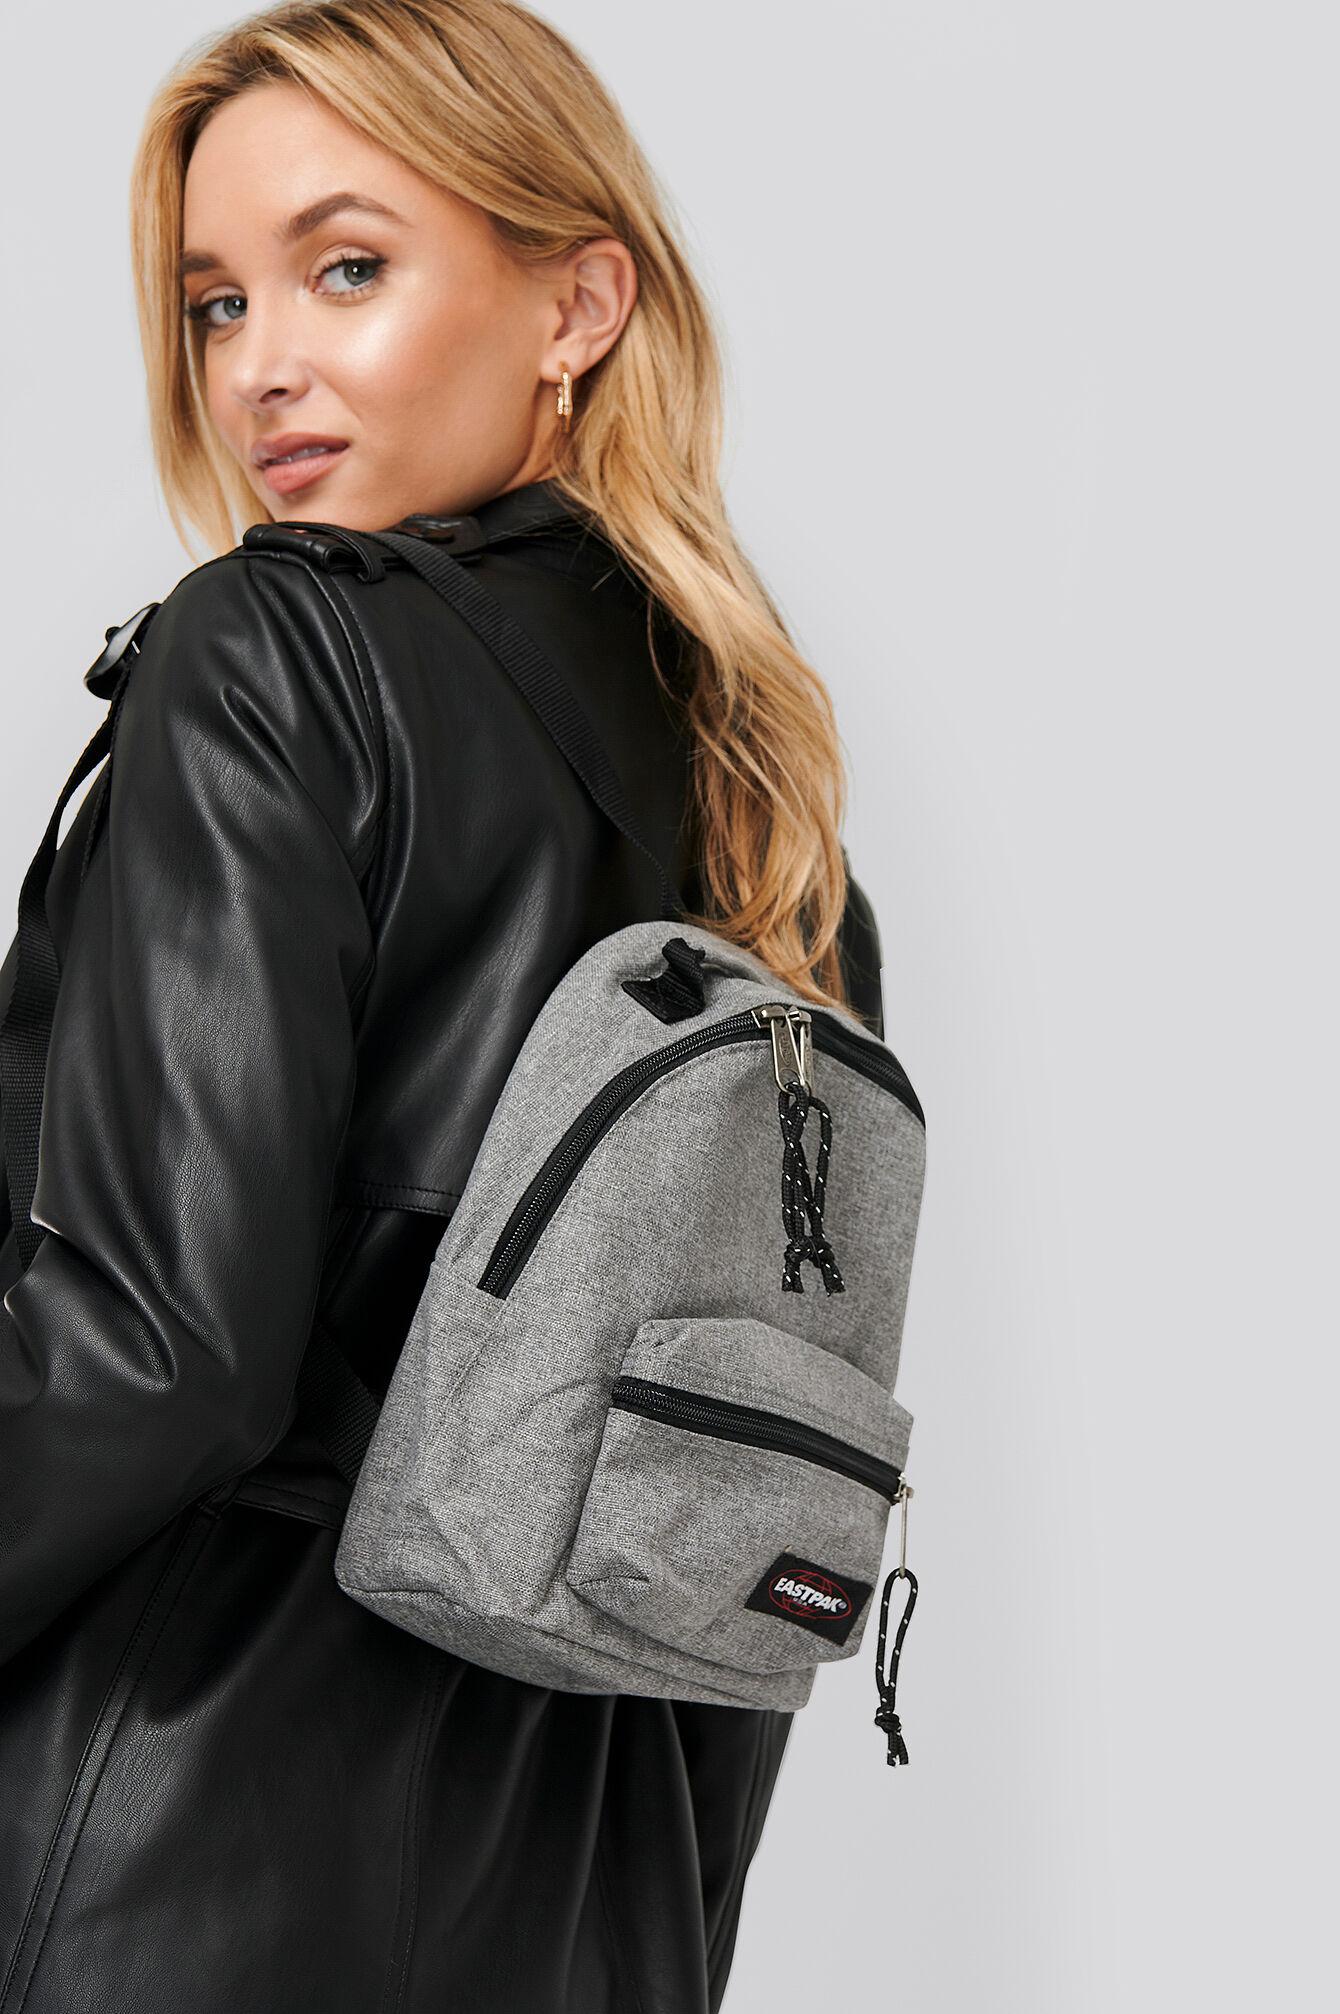 Eastpak Orbit W Bag - Grey  - Size: One Size